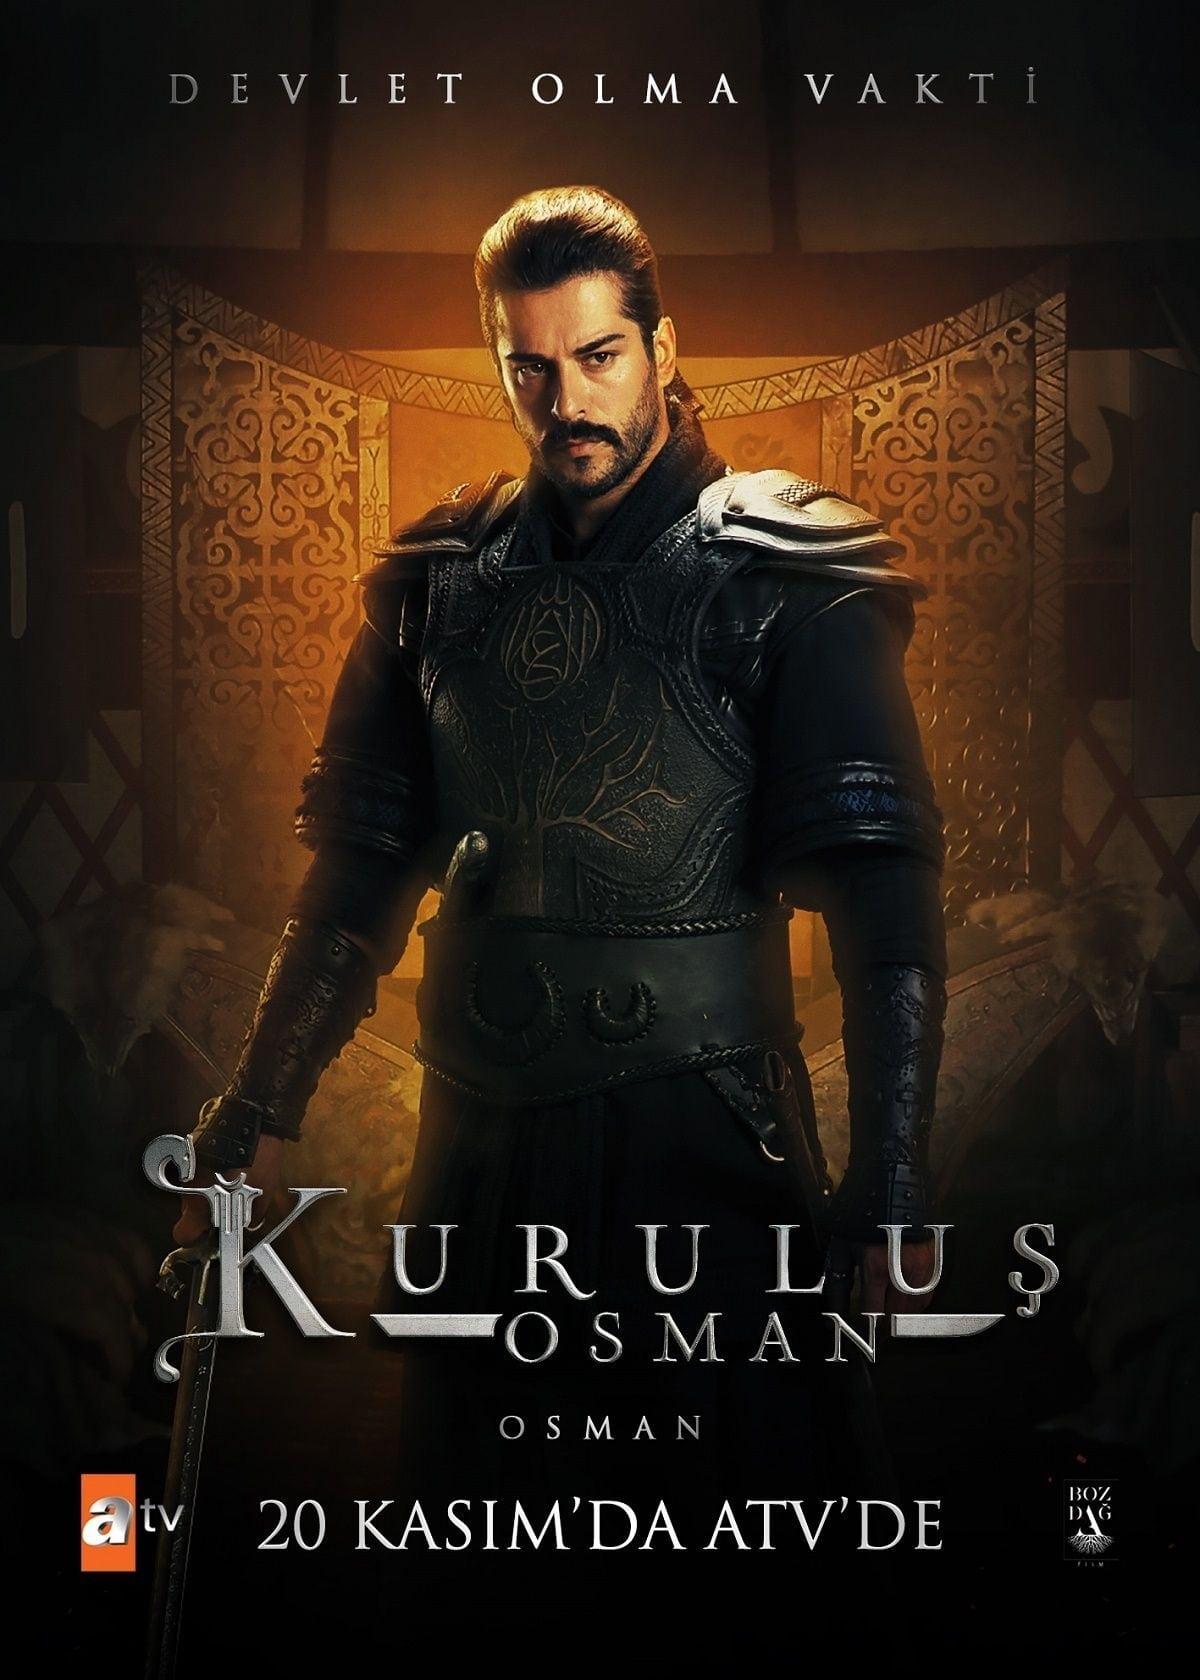 Kurulus Osman a.k.a Themelimi Osman